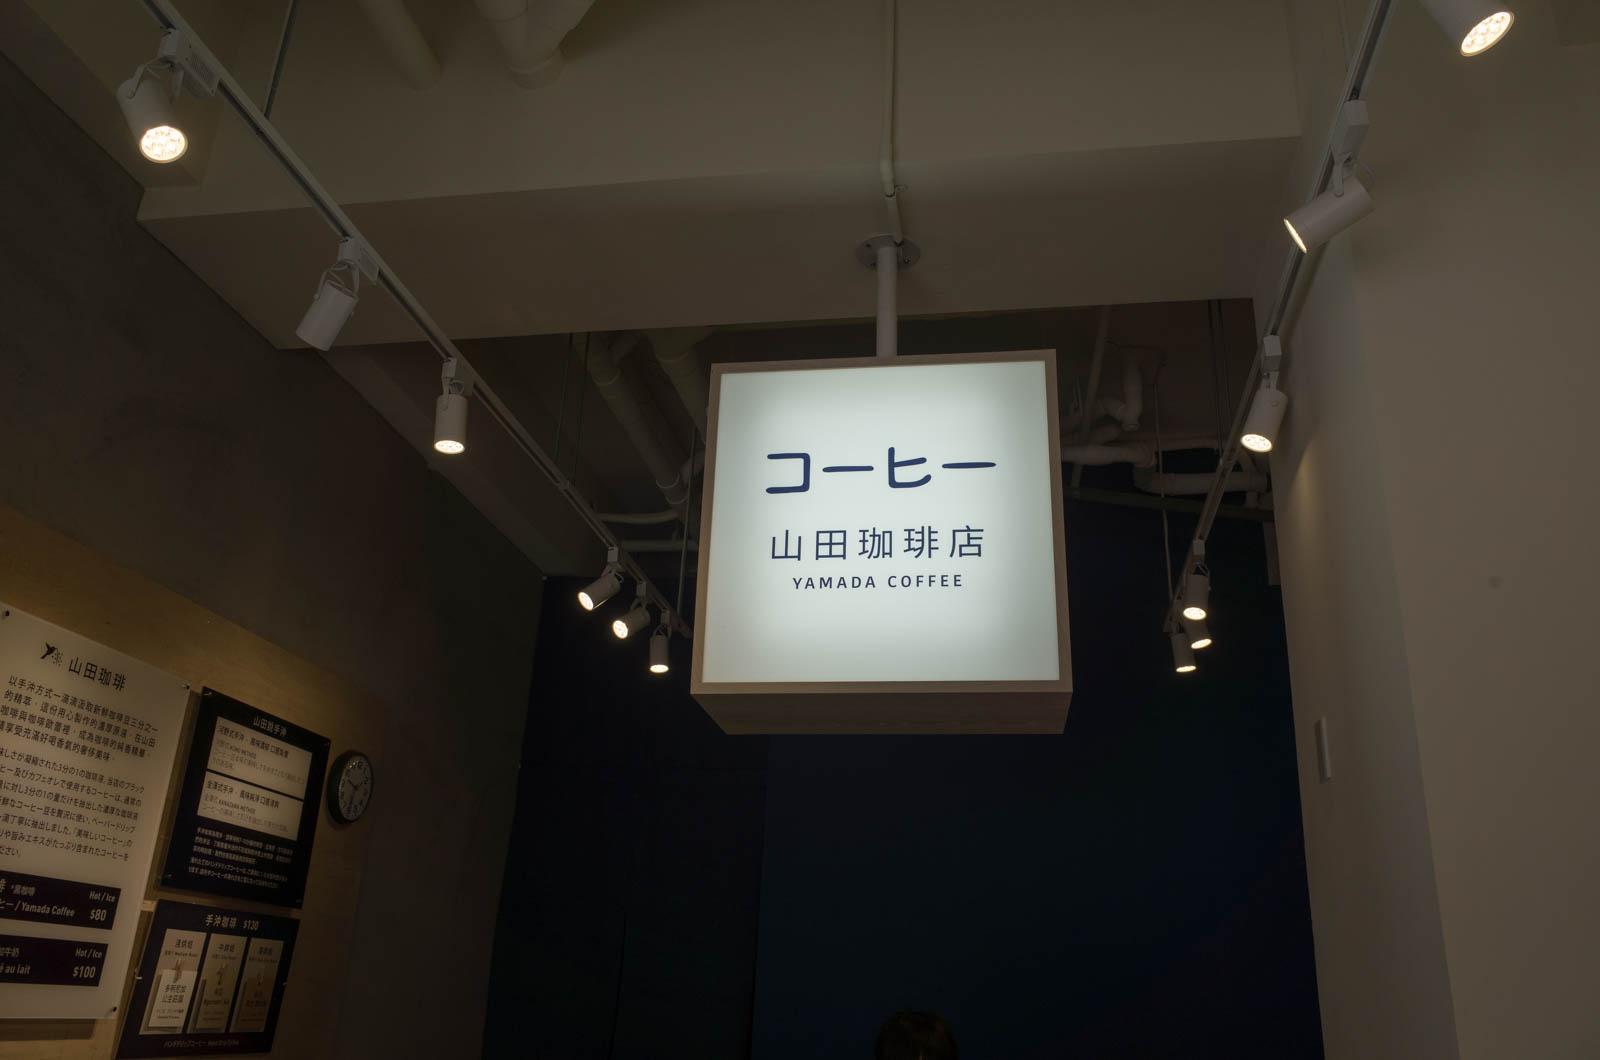 看板に日本語